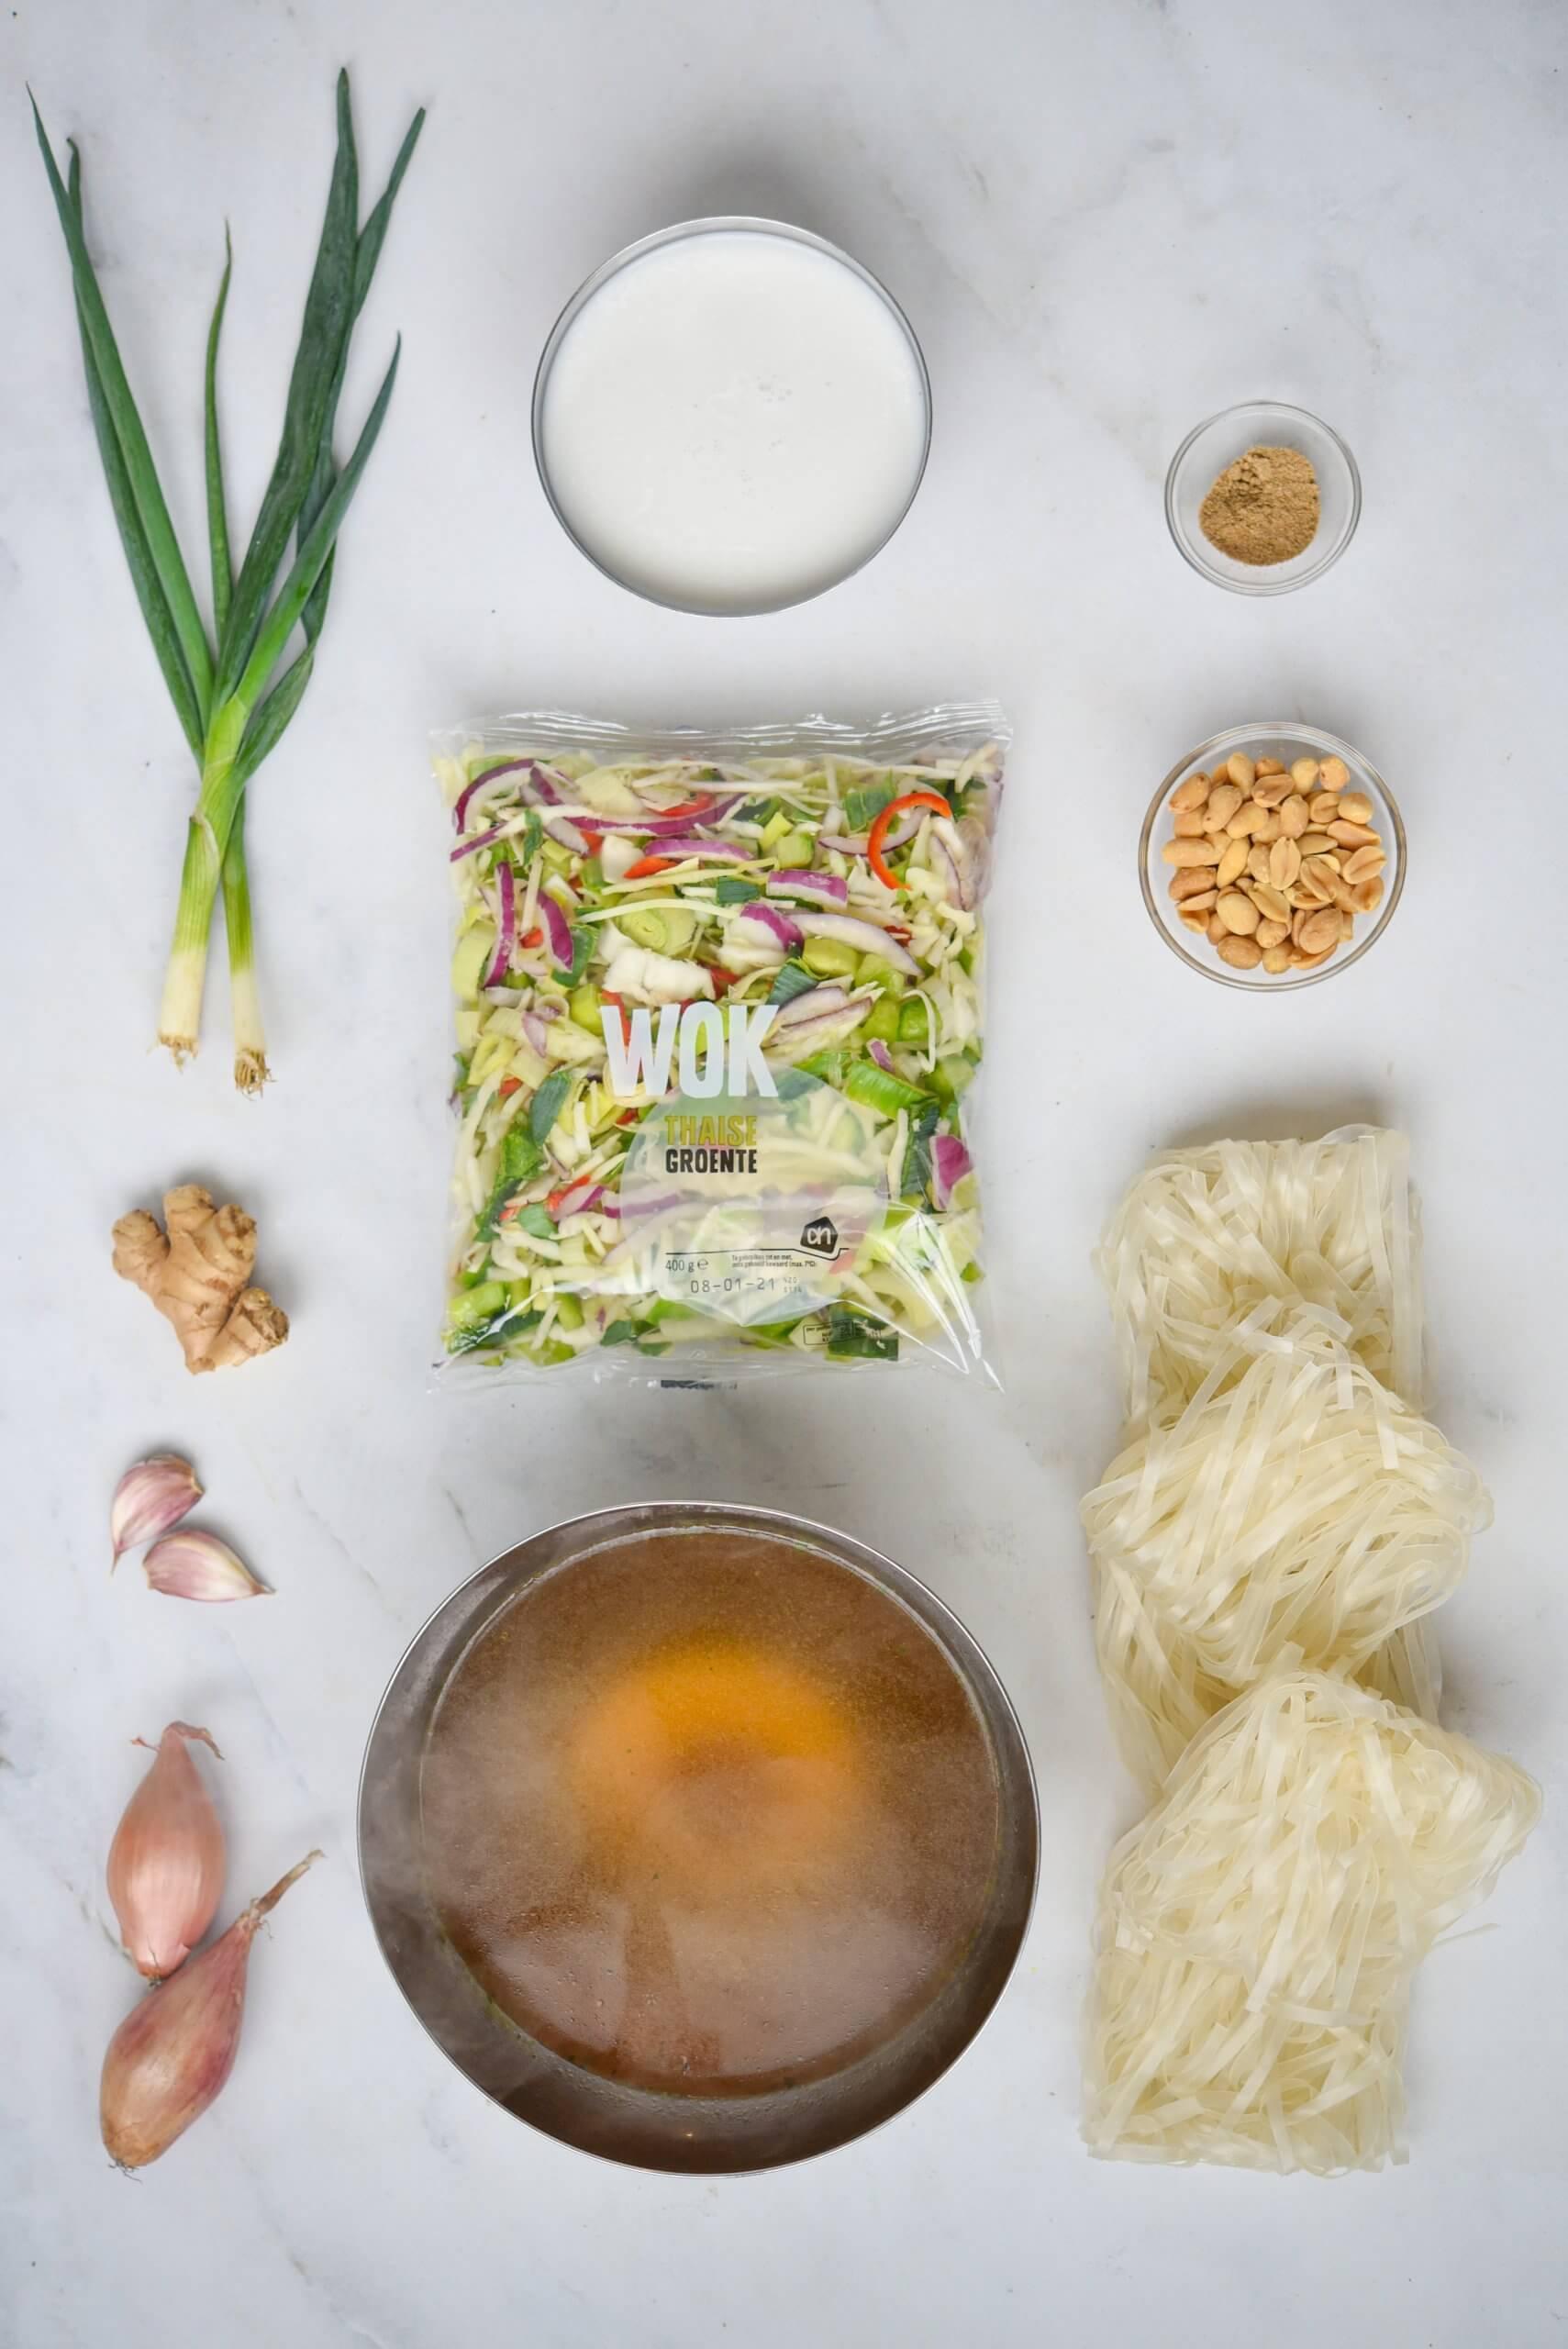 Noedelsoep met Thaise wokgroente en geroosterde pinda's - ingrediënten